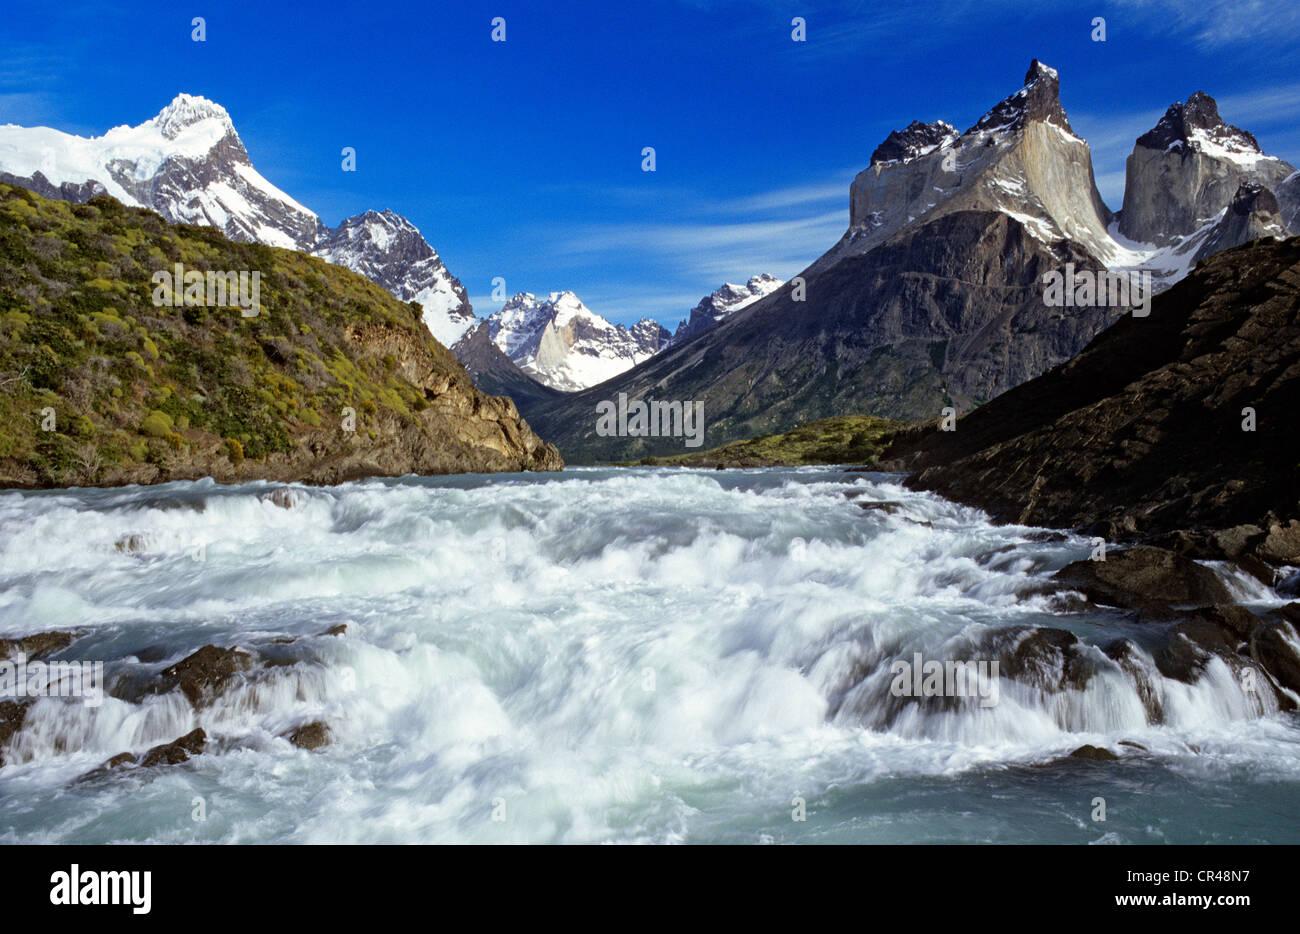 Chile, Magallanes and Antartica Chilena region, Ultima Esperanza Province, Torres del paine National Park, le Salto - Stock Image